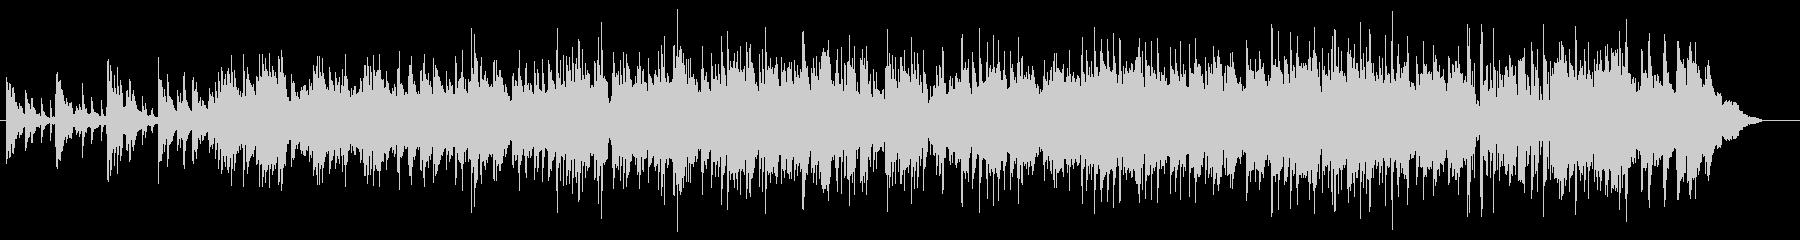 ピアノとソロVn,Vcによる切ない夏曲の未再生の波形